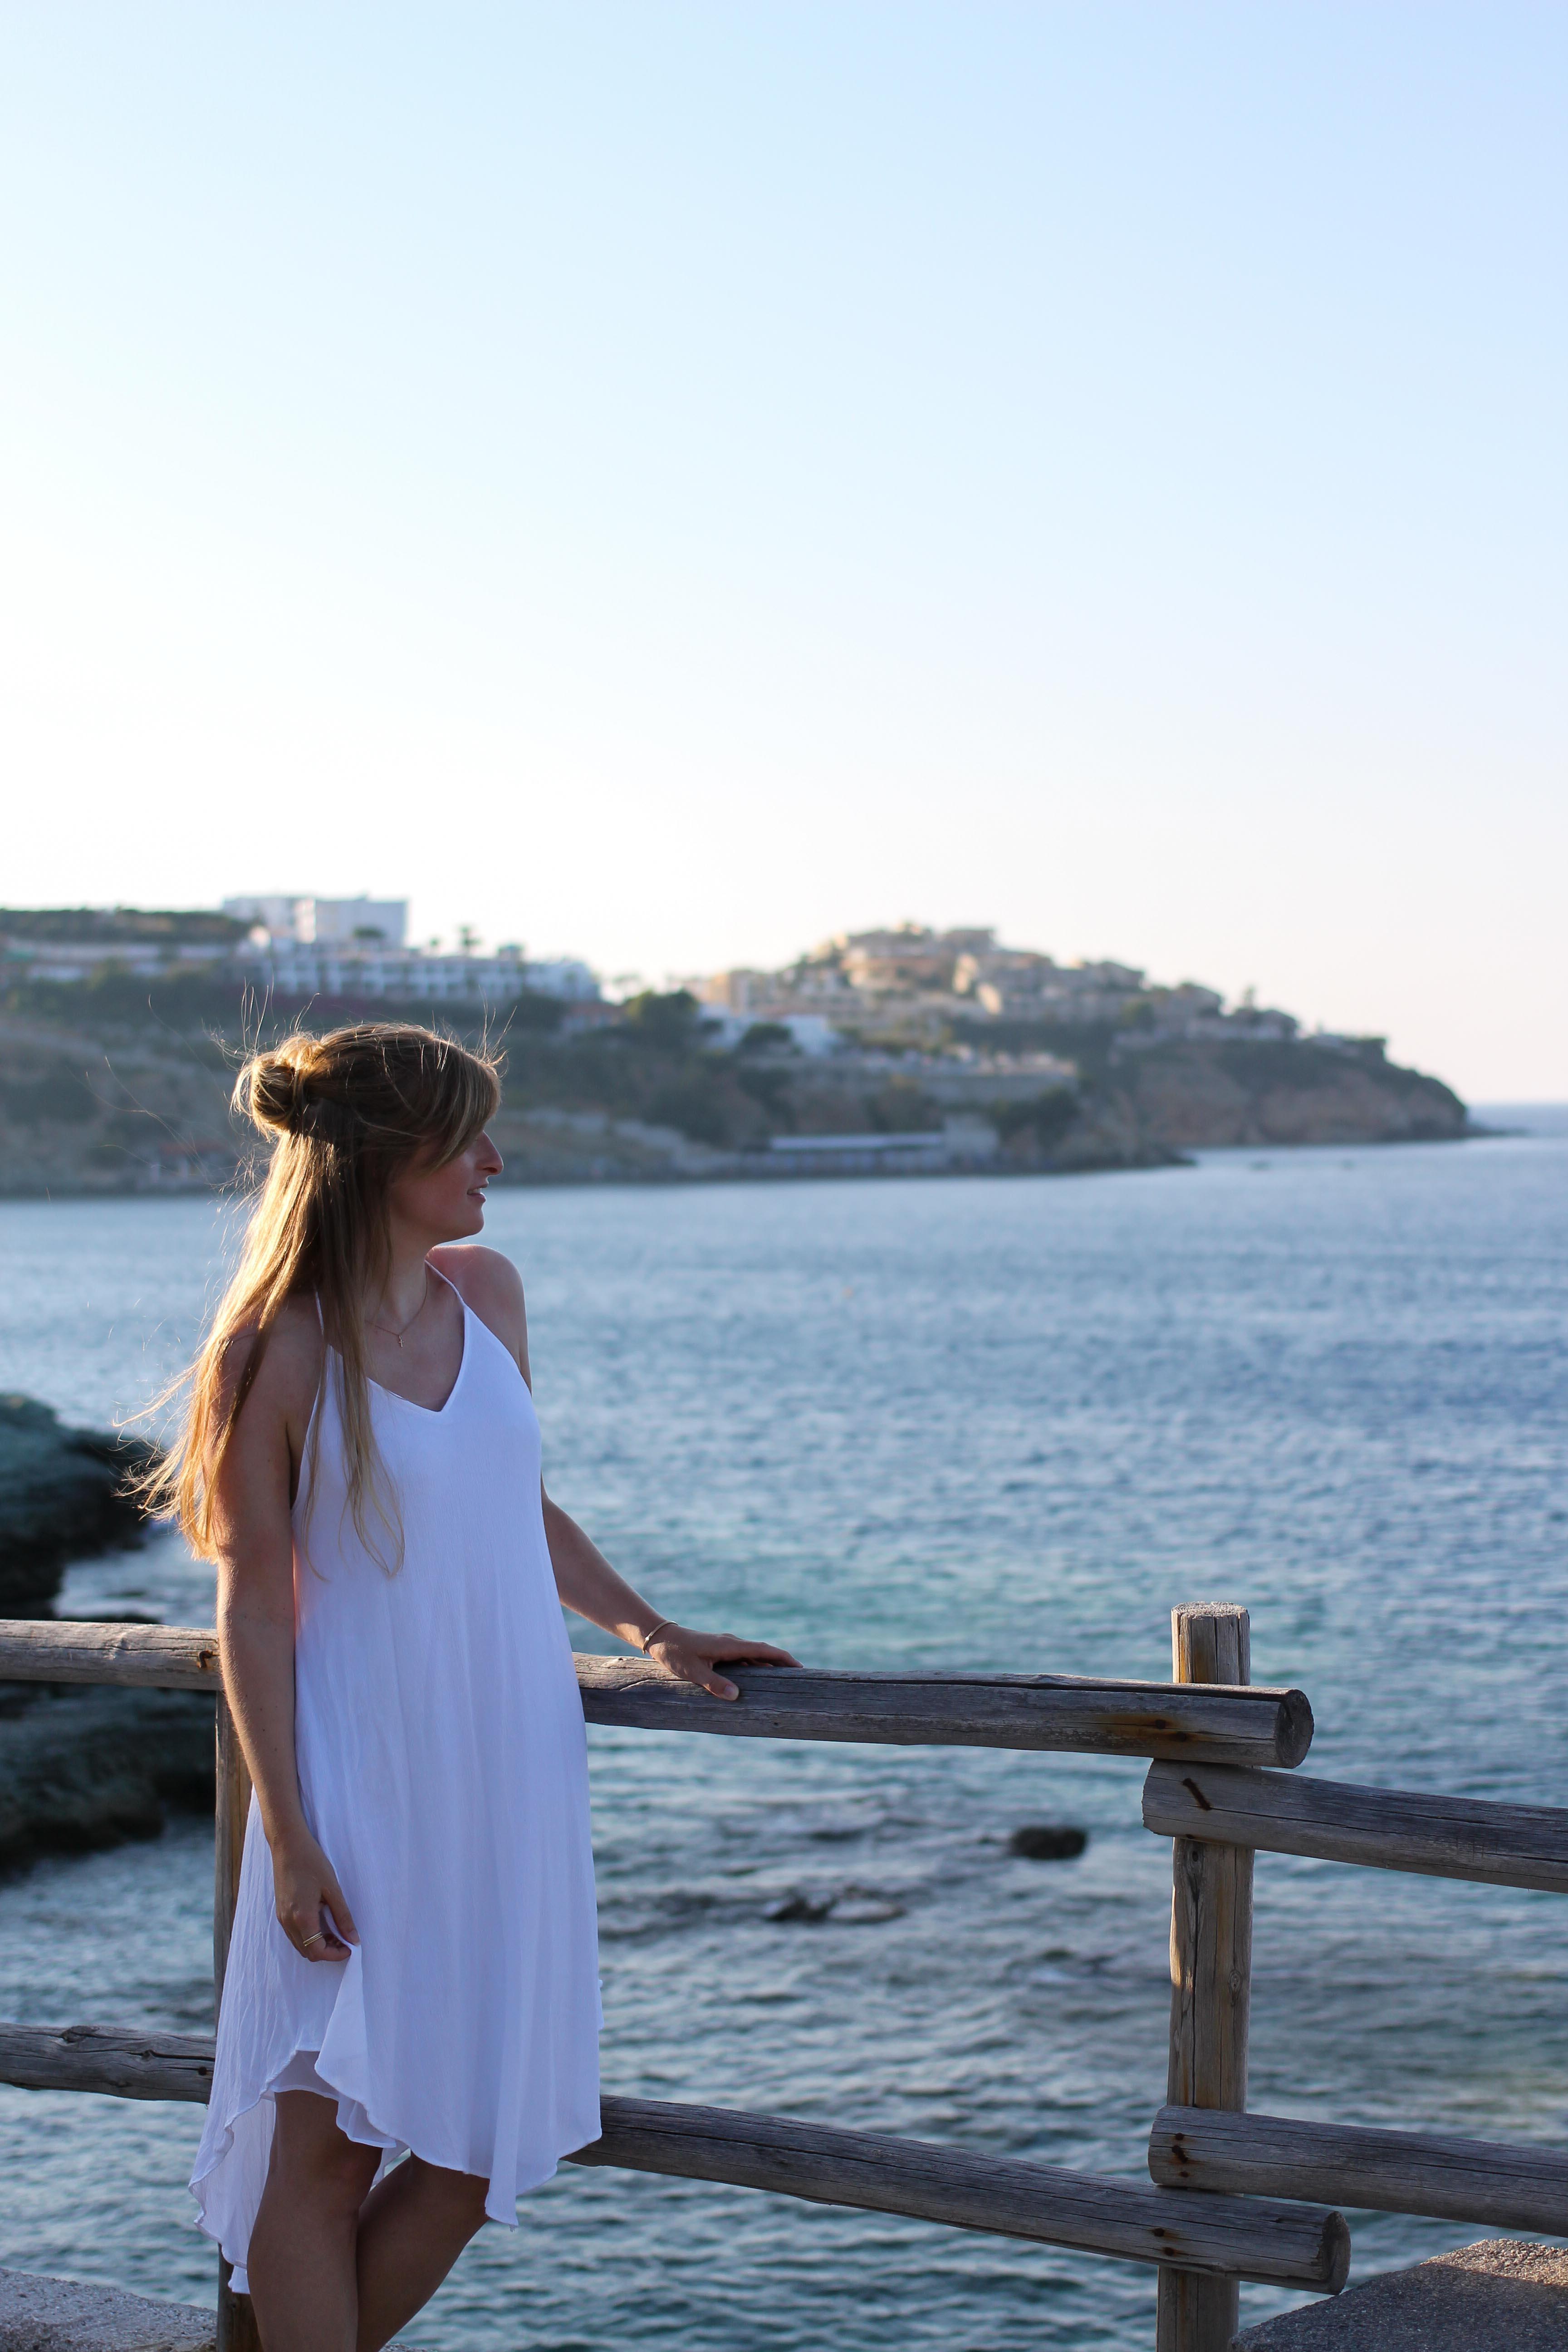 Modeblog Deuschland Fashion Blog Griechenland Kreta Sommeroutfit Blogger life weißes Kleid 4